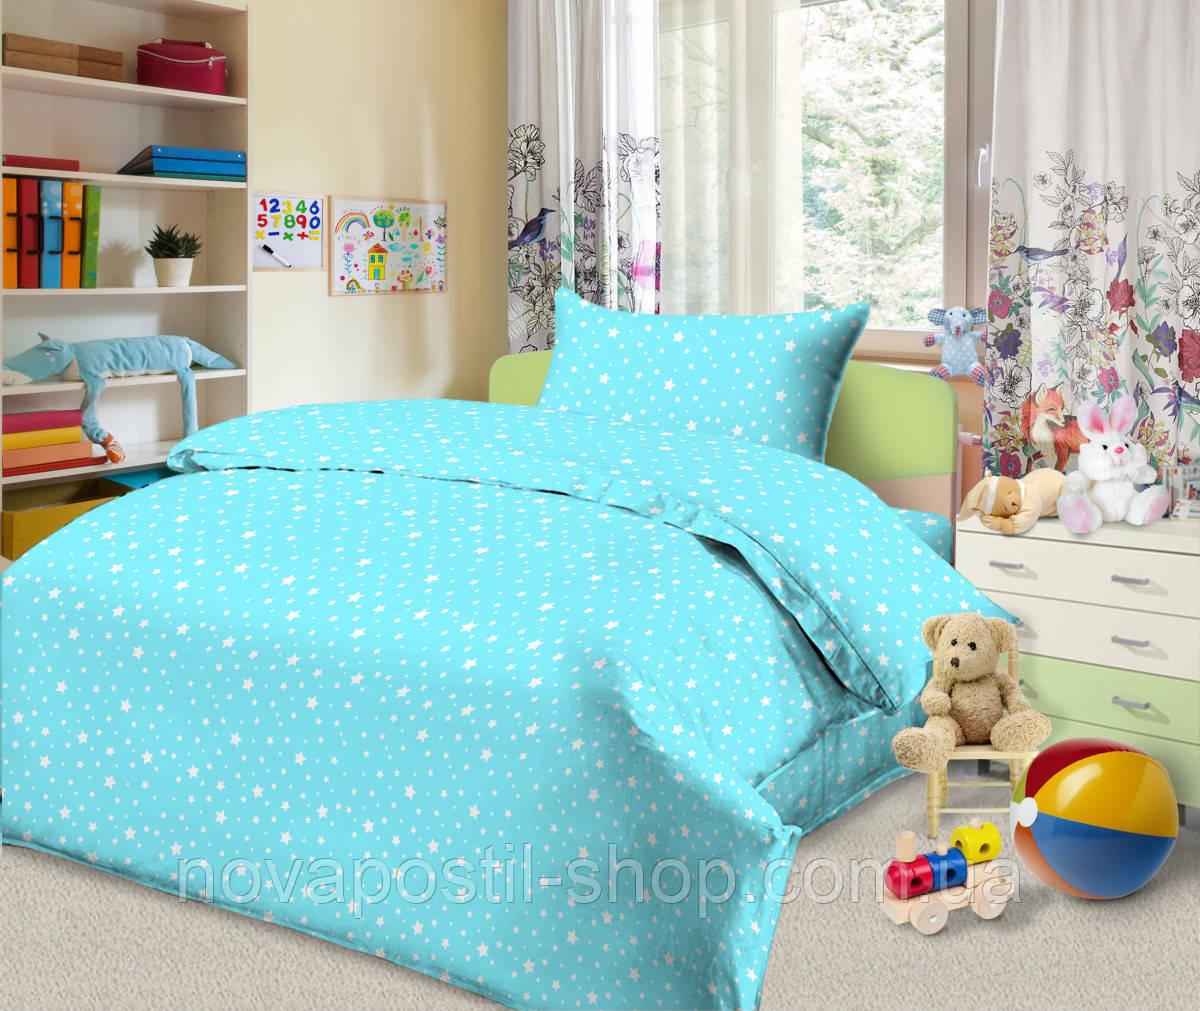 Ткань для детского постельного белья, бязь Звездопад голубой